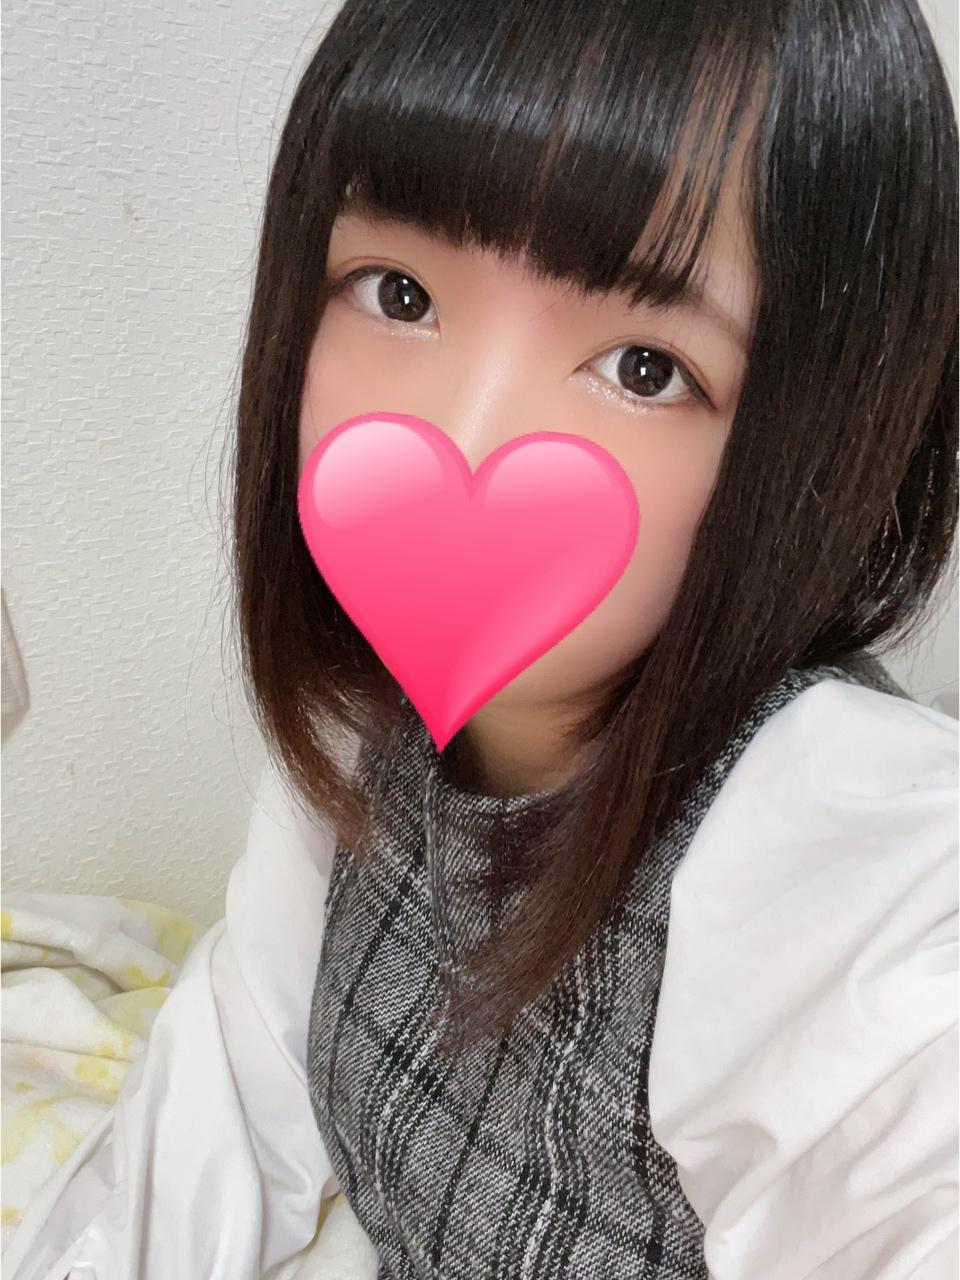 ユカリ(19)